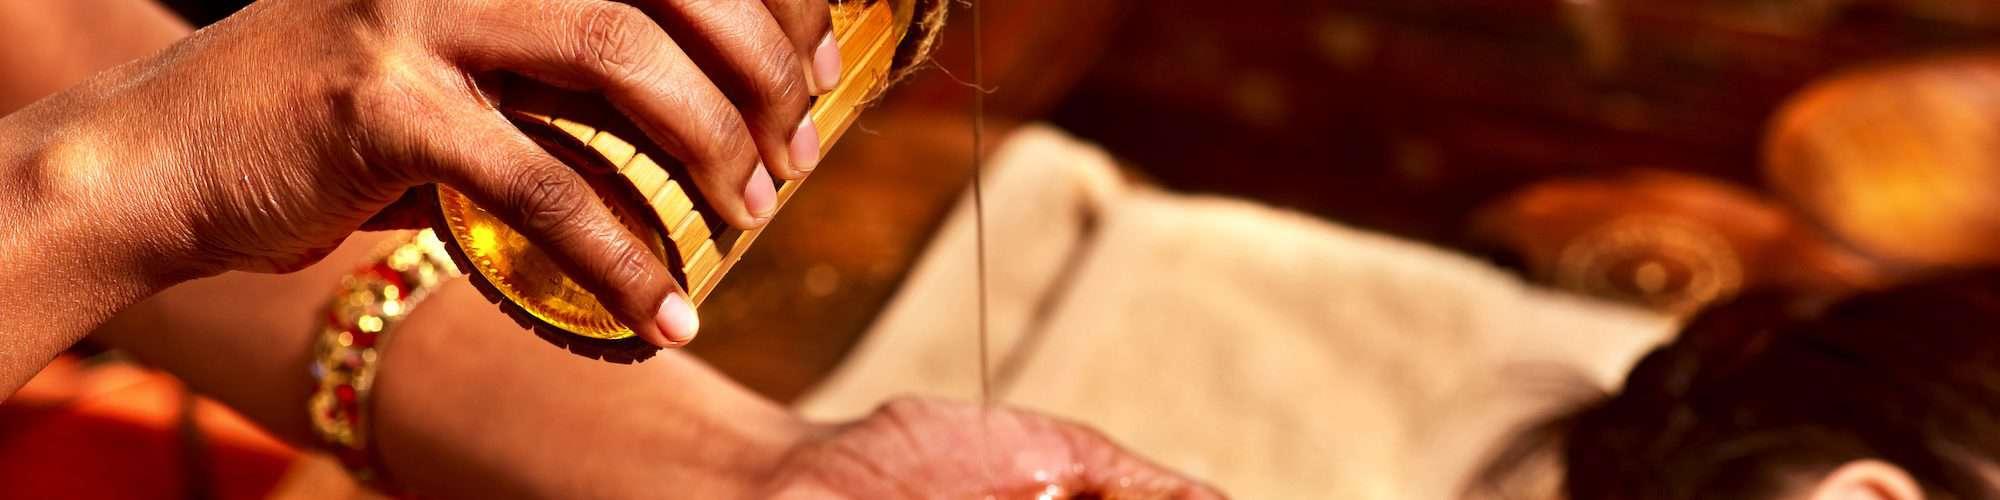 meilleure-huile-mahanarayan